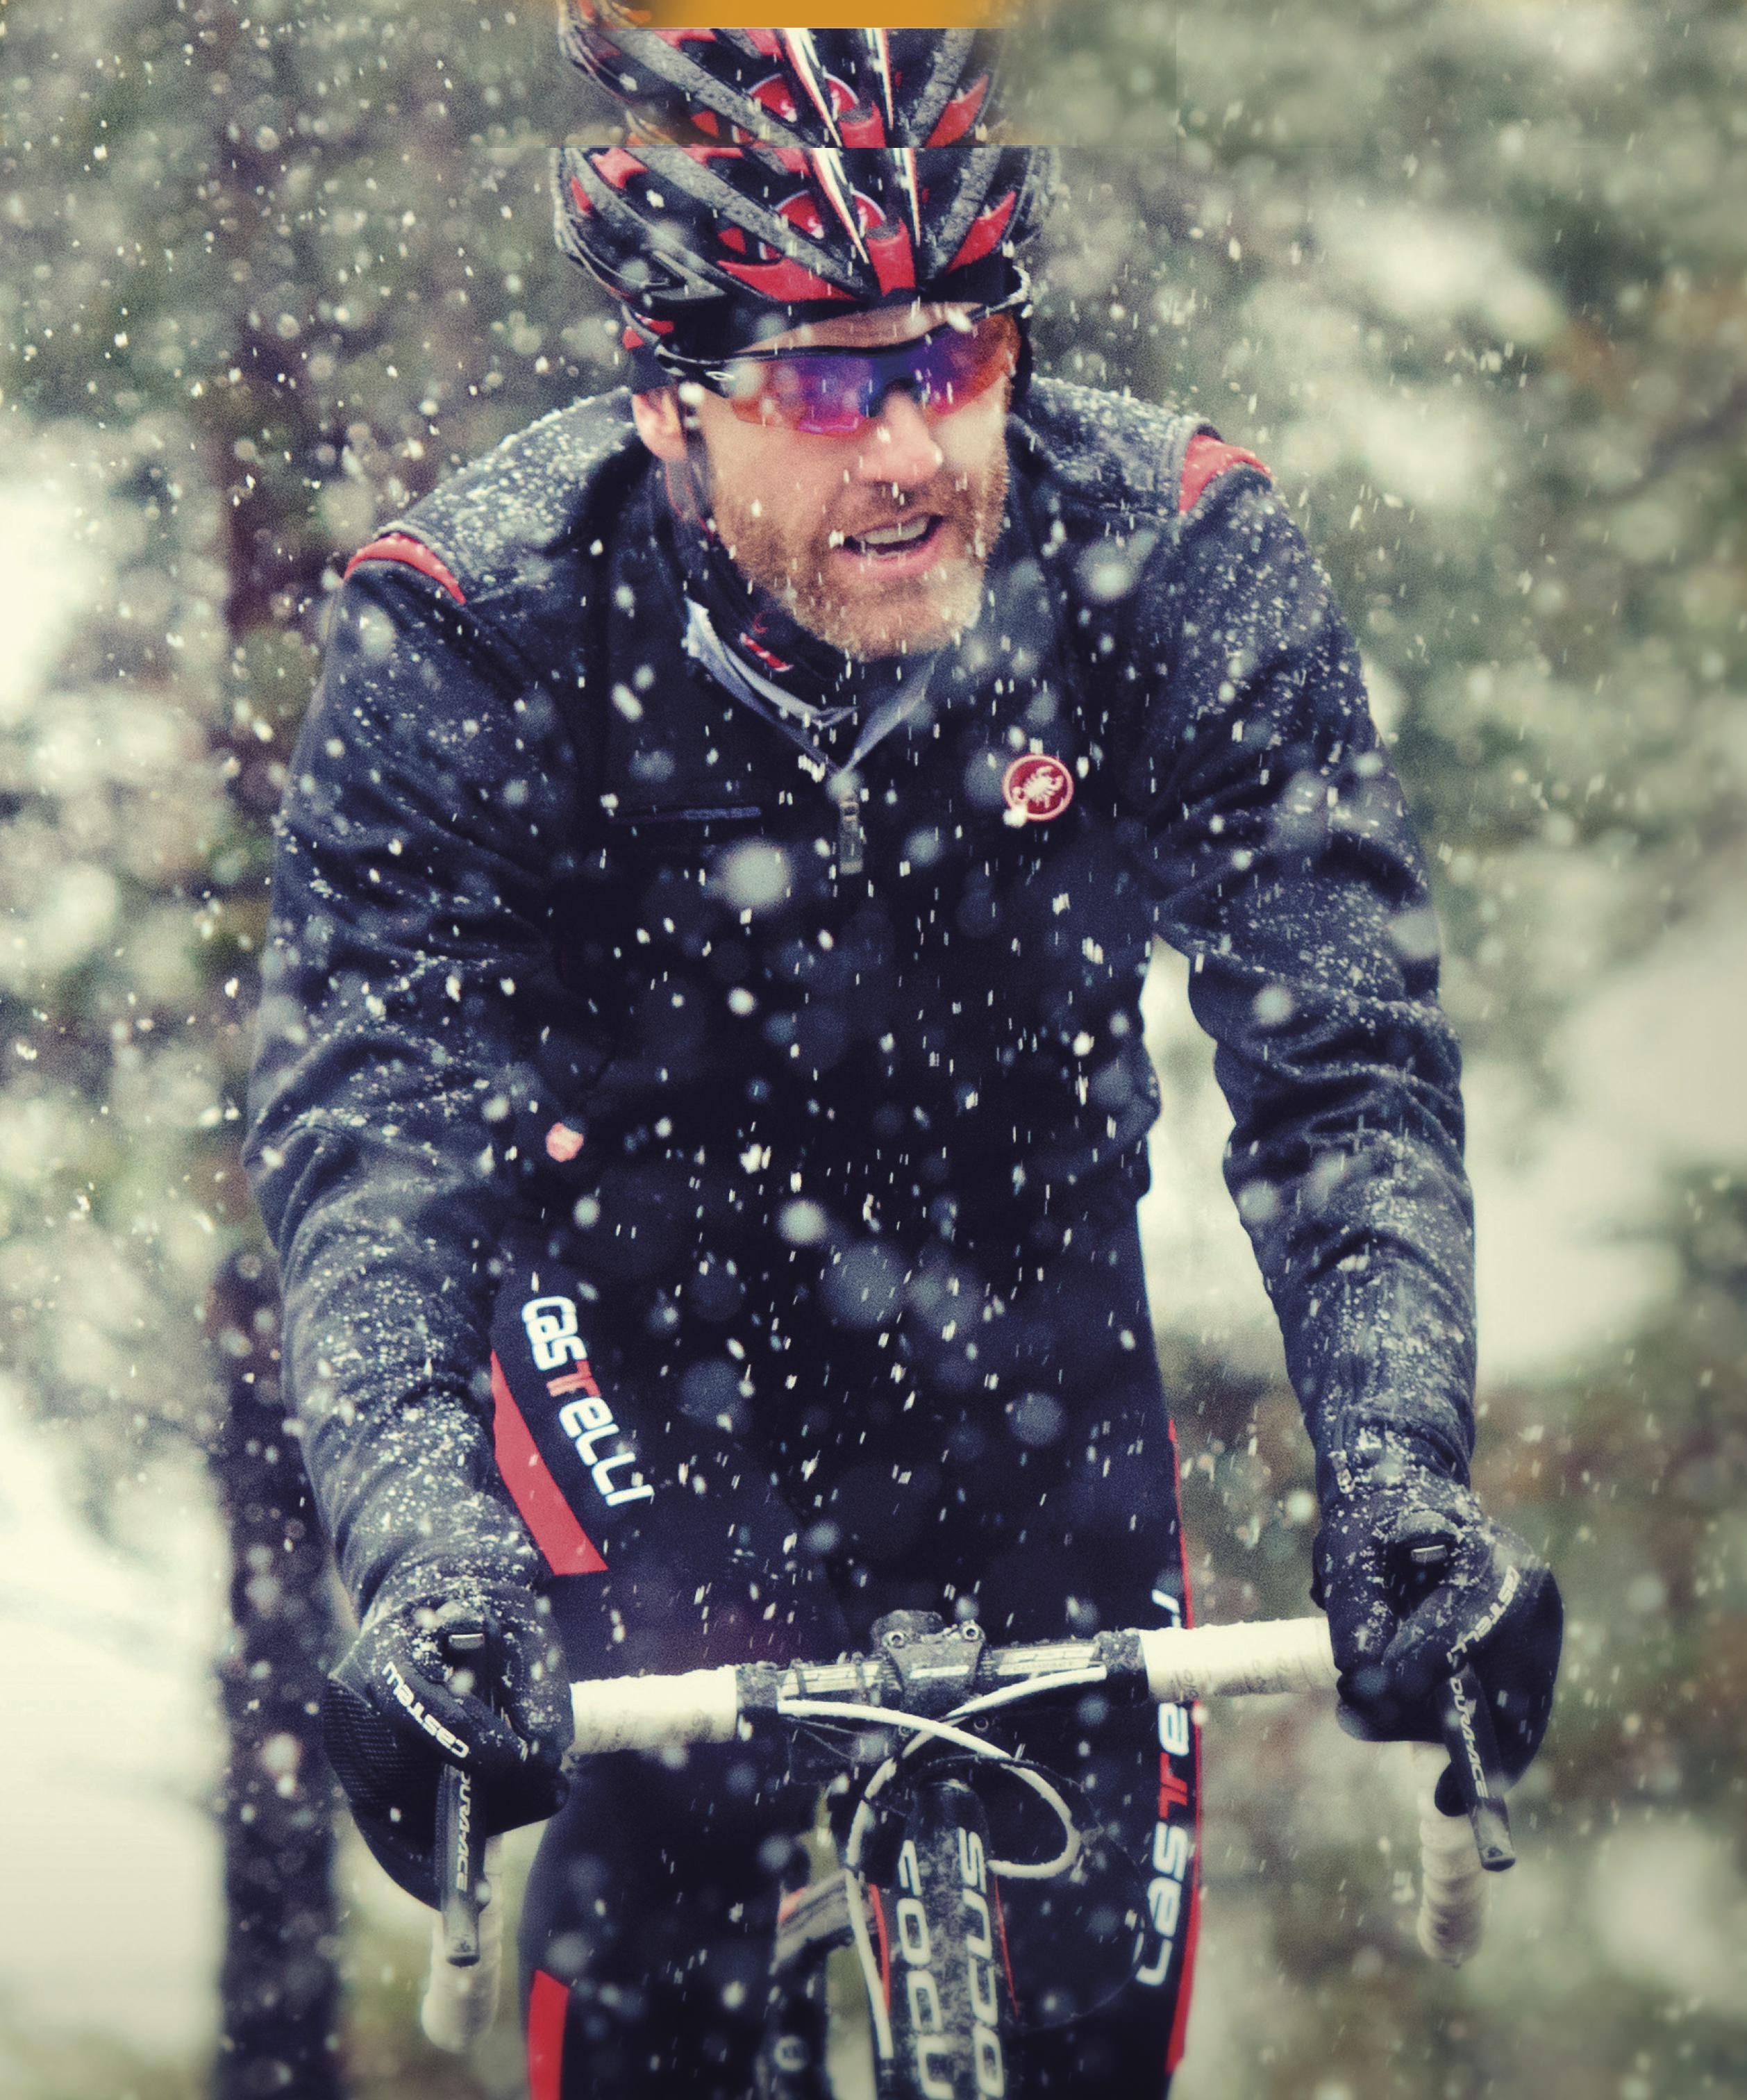 Castelli lance le nouveau maillot des cyclistes : Le Gabba 2